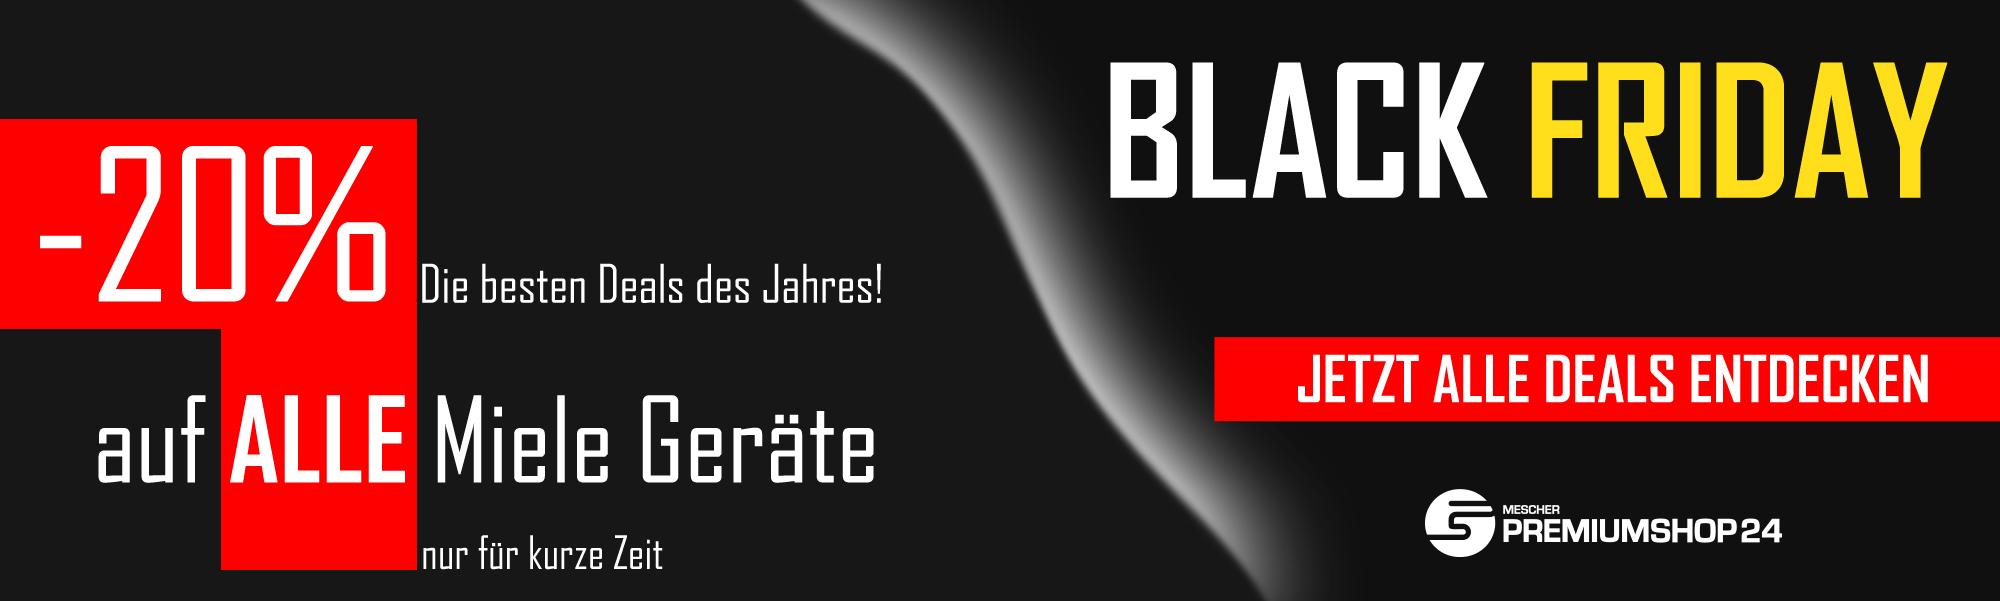 Ab jetzt 20% Rabatt auf Miele Geräte @[Black Friday][außer Zubehör] + 10% auf ALLES andere